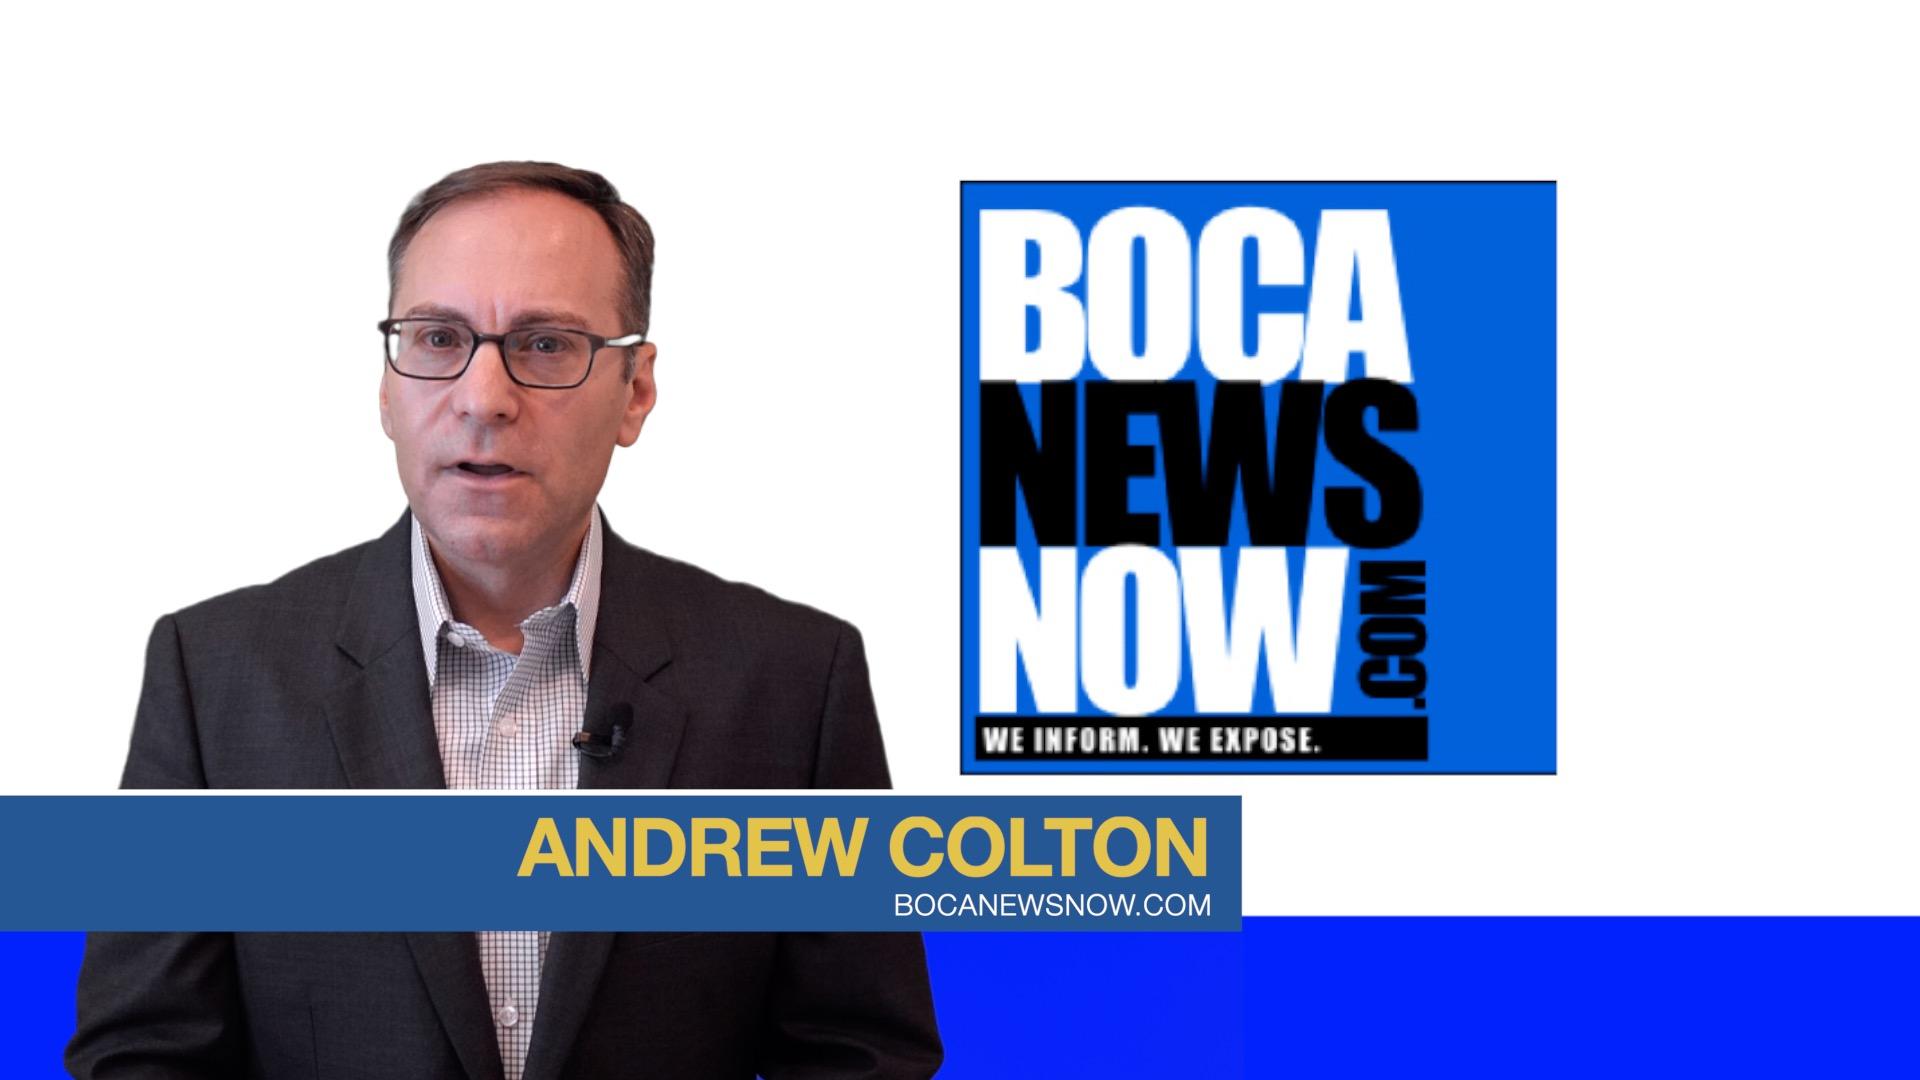 boca news now tv - Andrew Colton